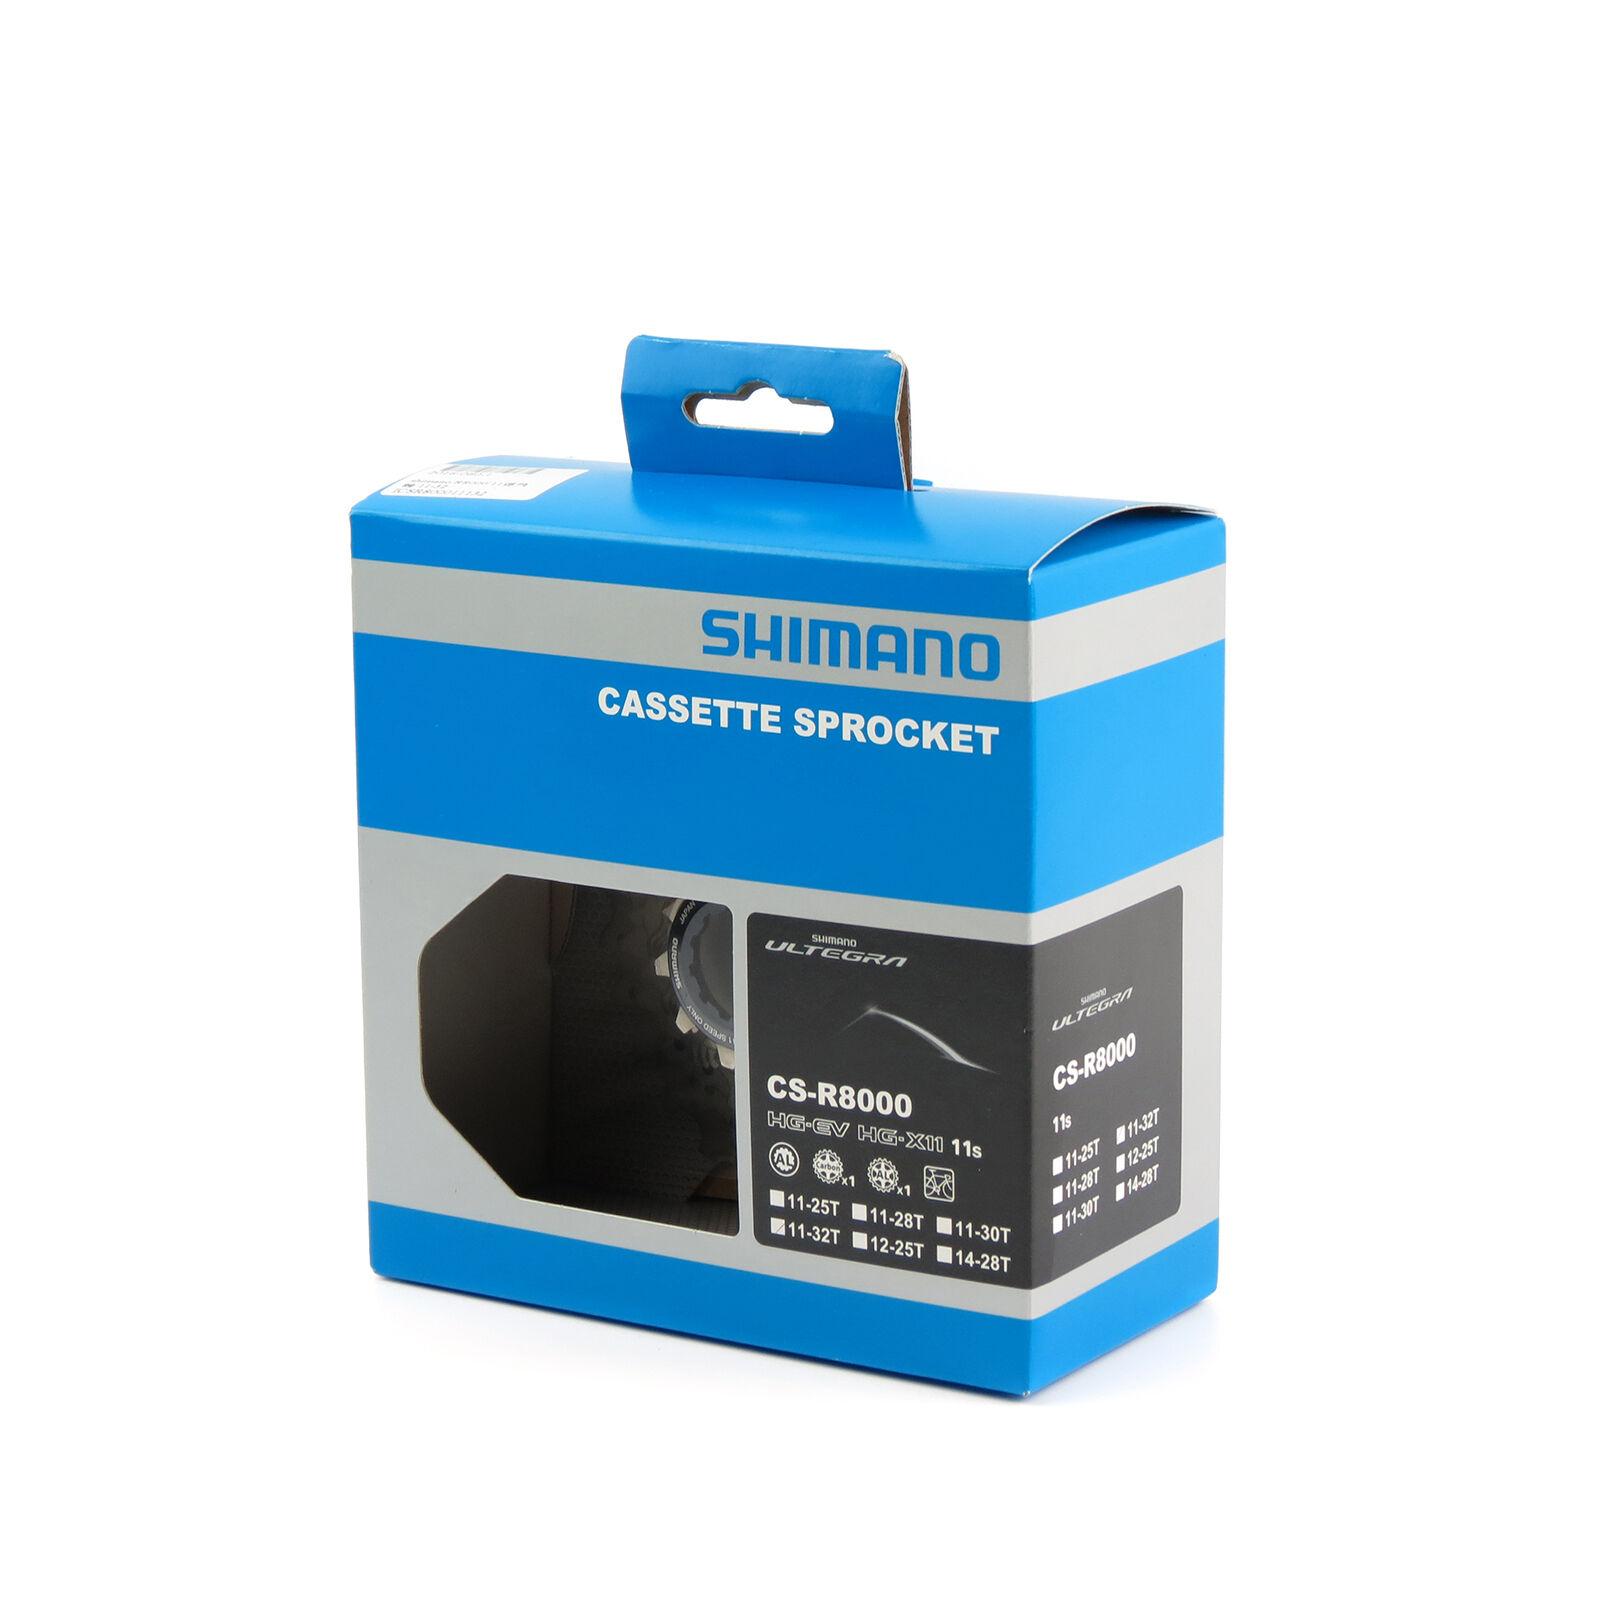 Shimano Ultegra CS-R8000 11 Speed  Road Bike Cassette Freewheel - 11-32T (Box)  buy best